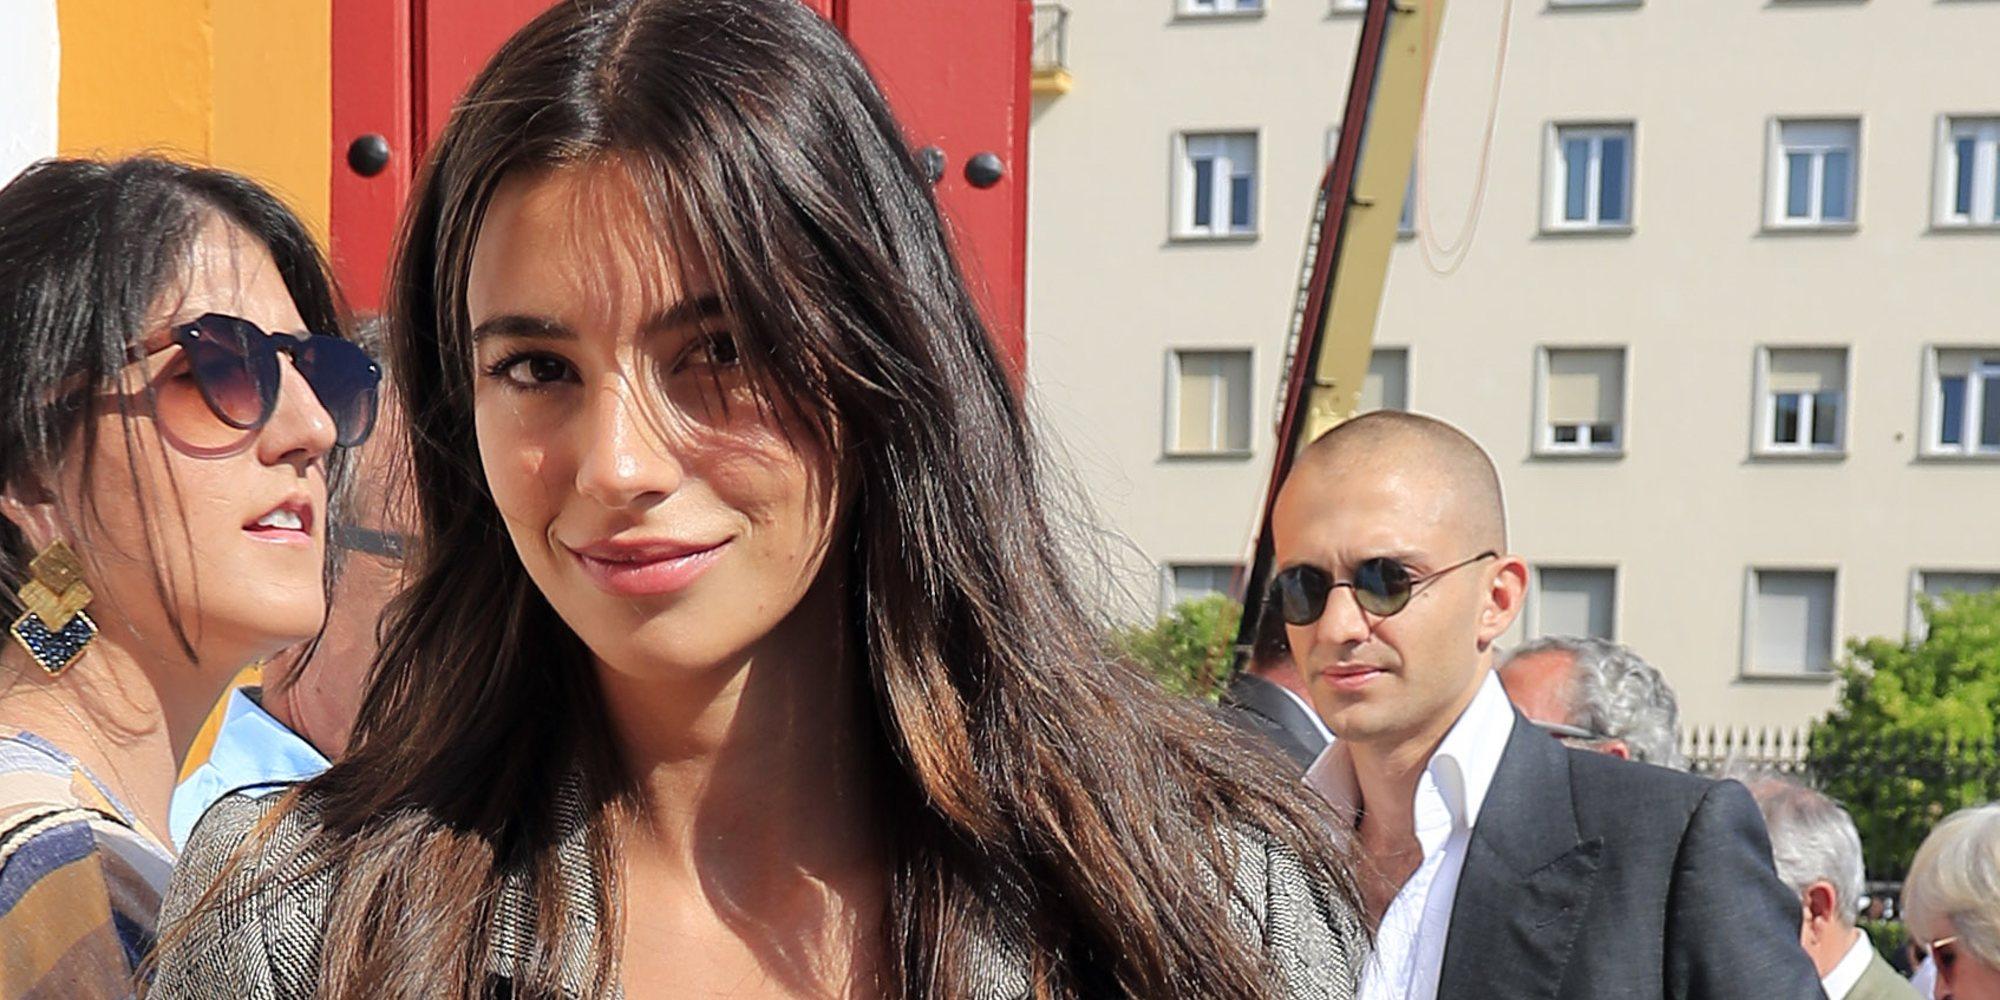 Rocío Crusset, enamorada de un rico heredero de Cipriani con el que ha paseado por la Feria de Abril 2019